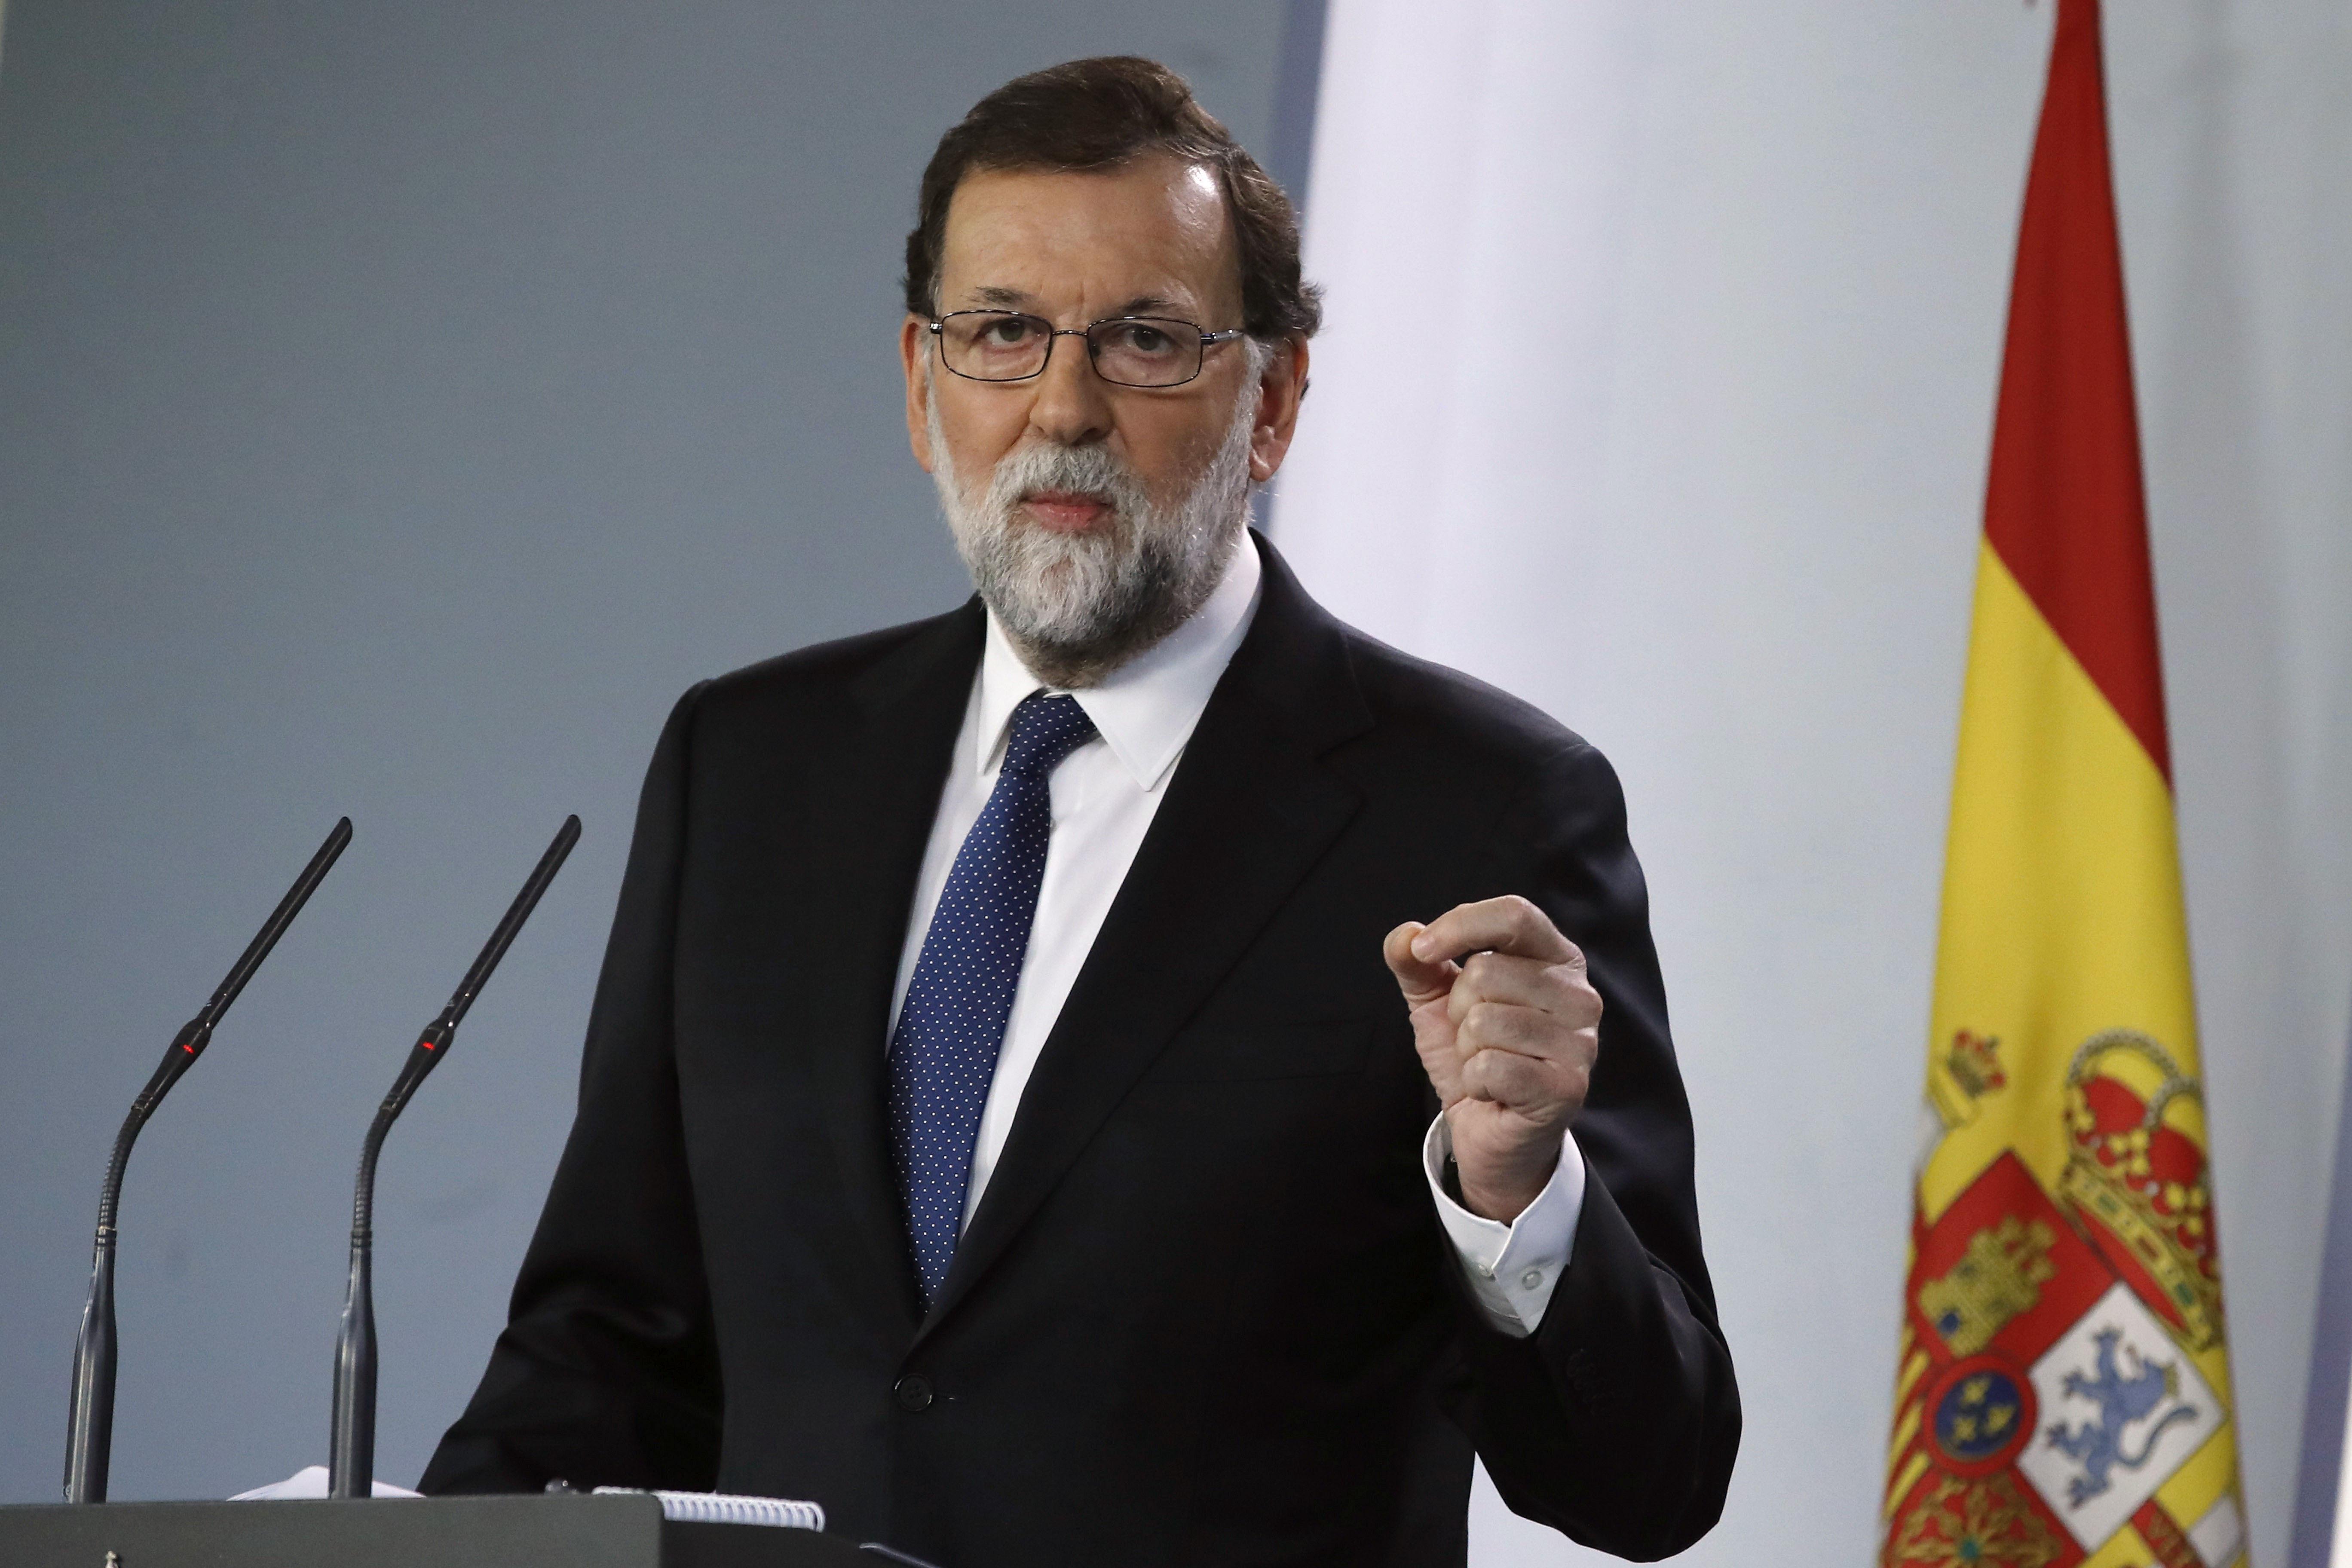 Rajoyquiere desbancar al presidente de Cataluña (EFE)